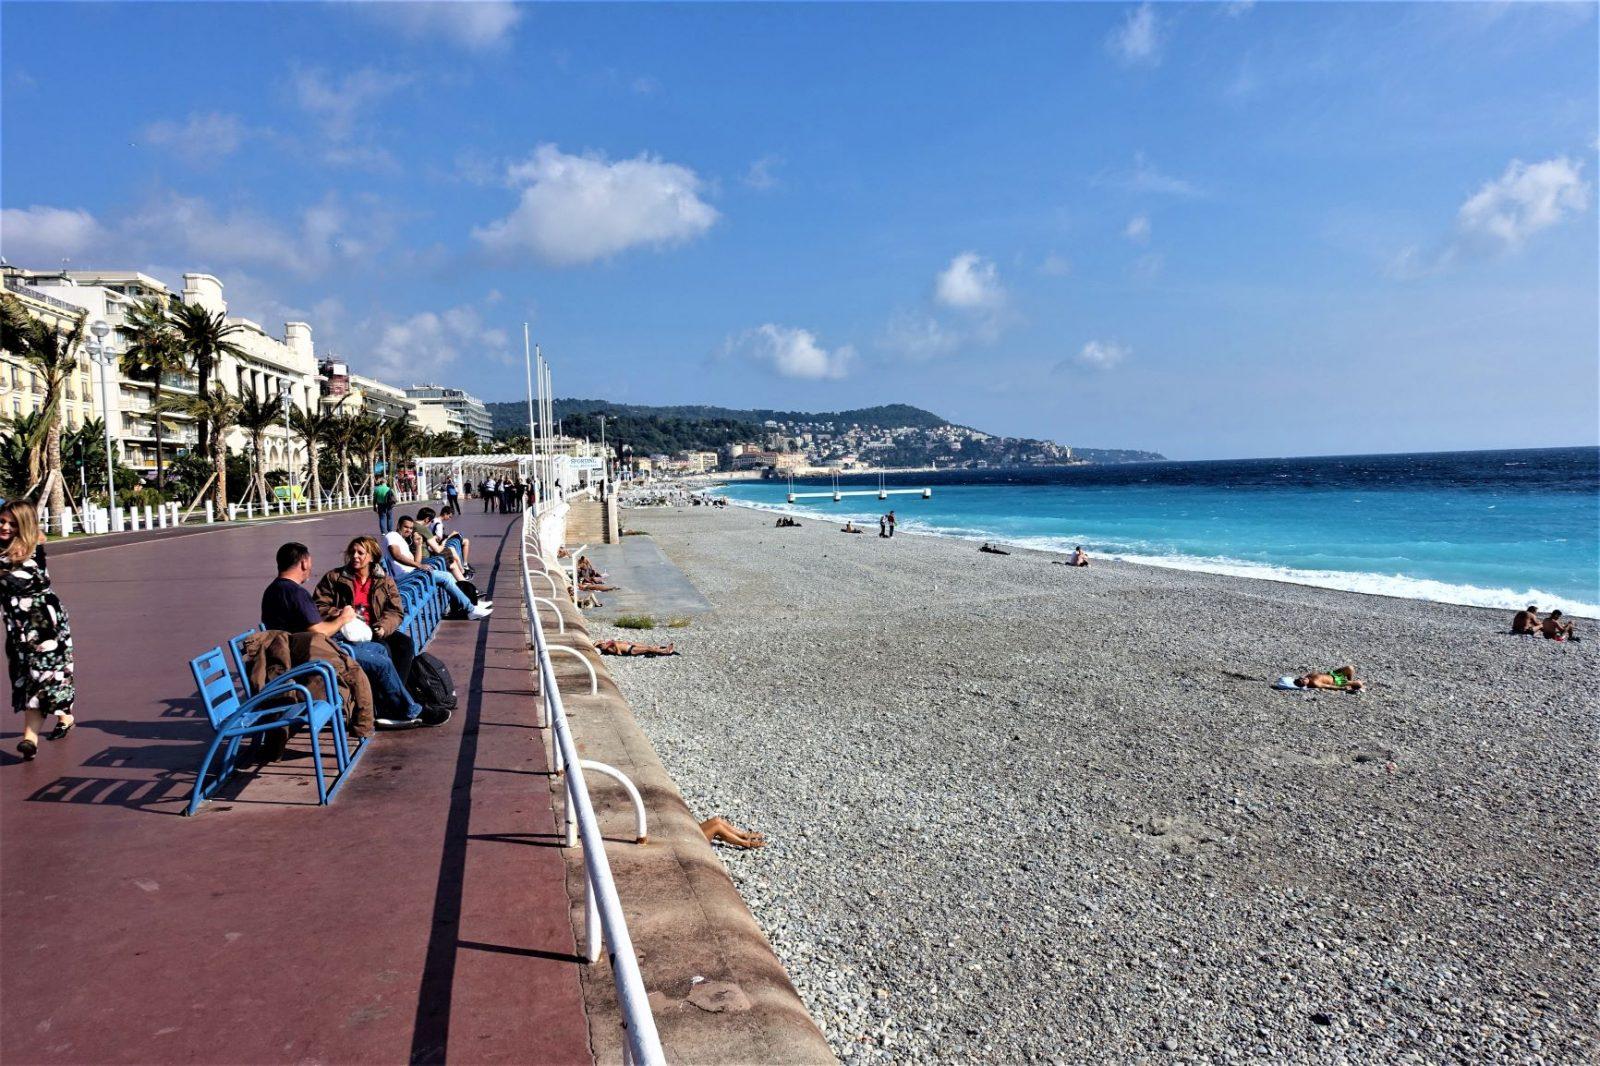 Strandpromenaden Nice folk sitter på en benk